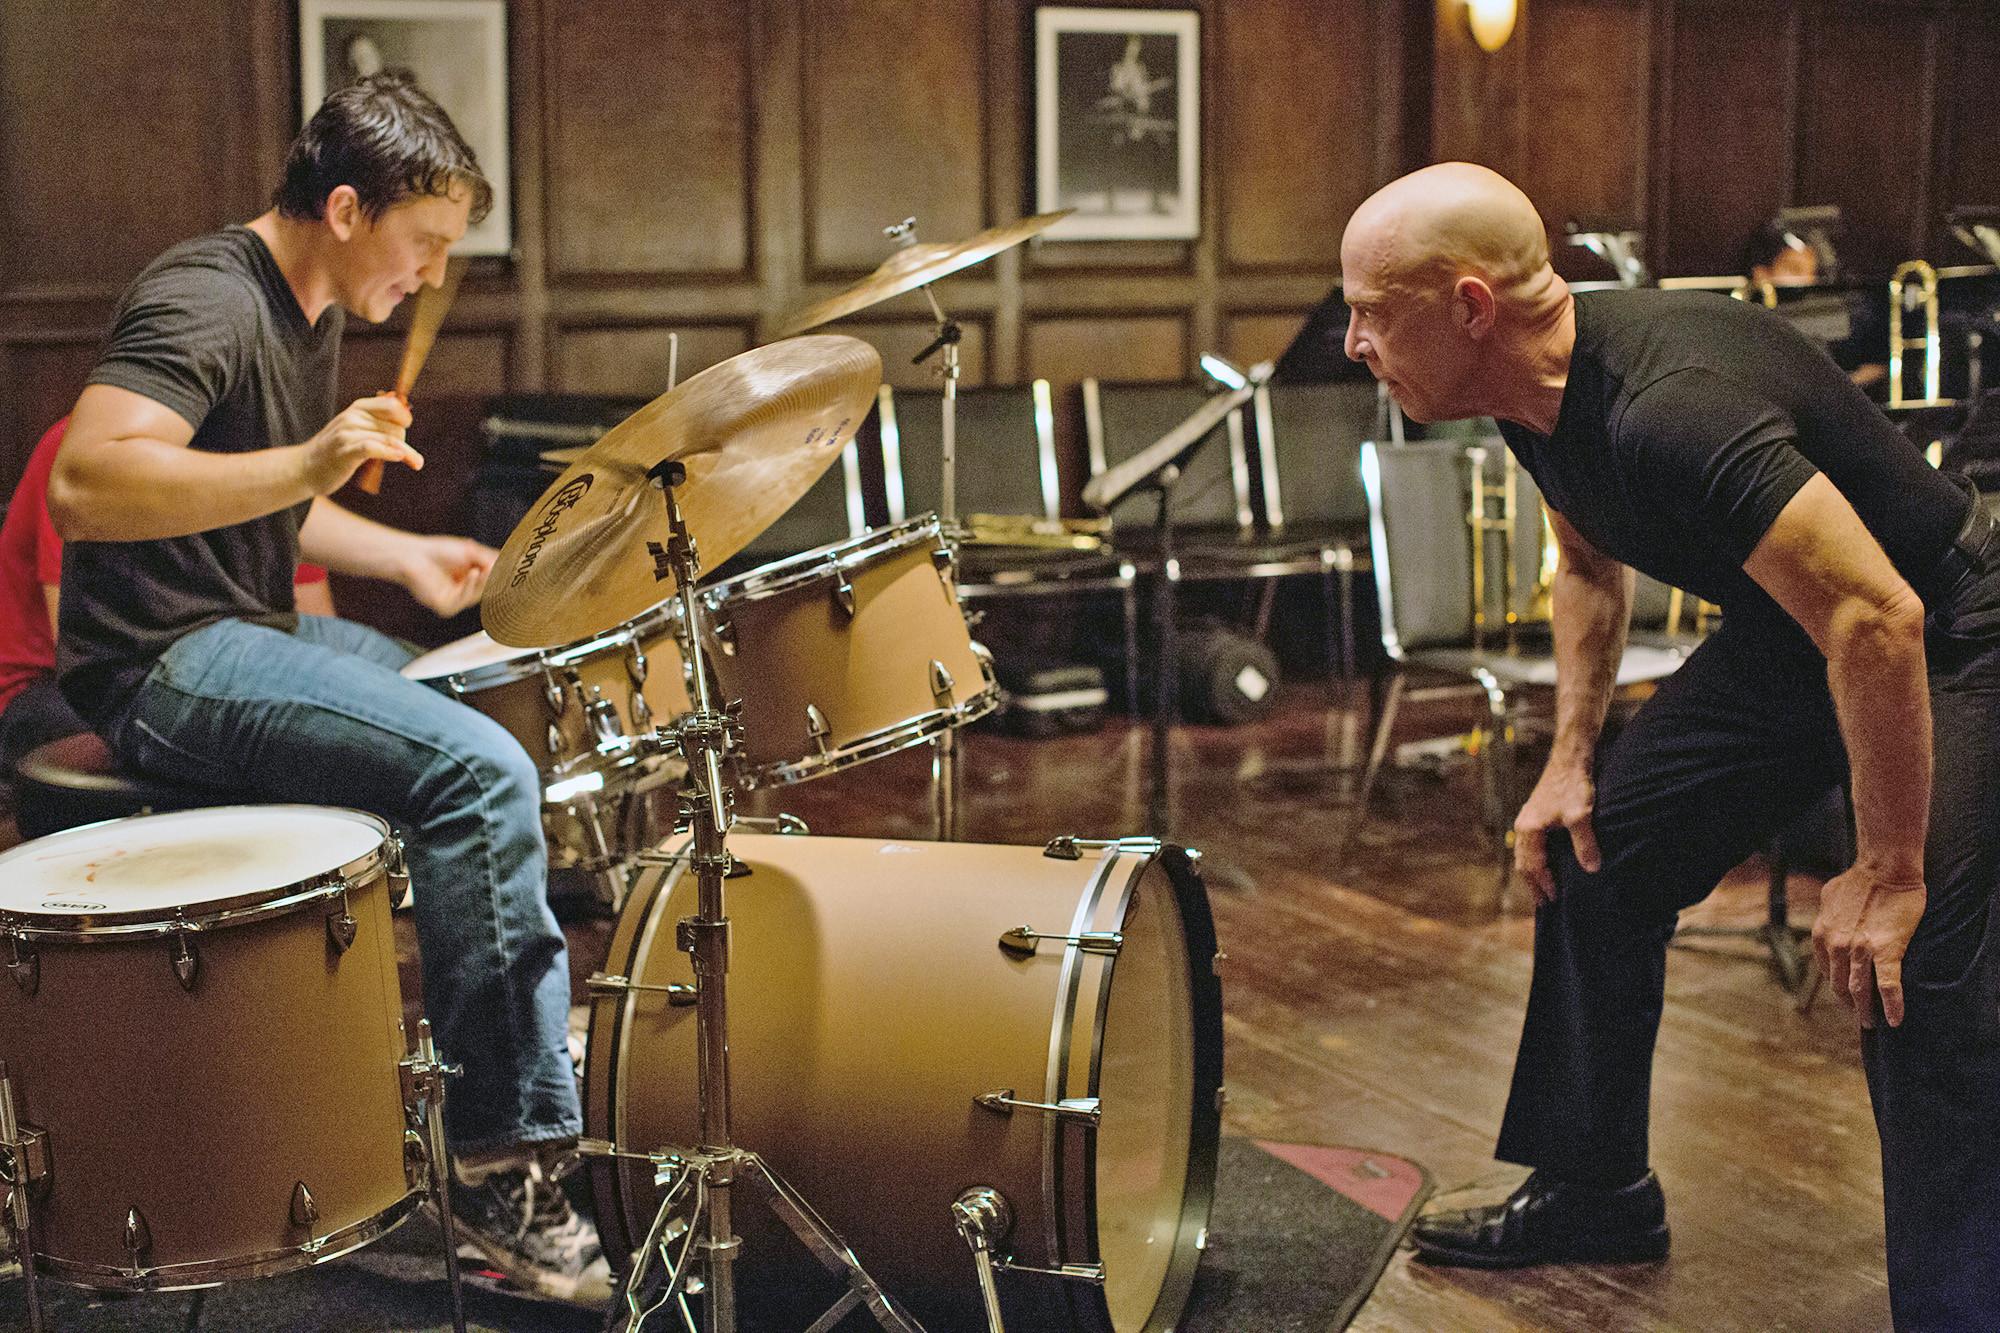 Miles Teller i J.K. Simmons u filmu Whiplash (foto: Daniel McFadden)